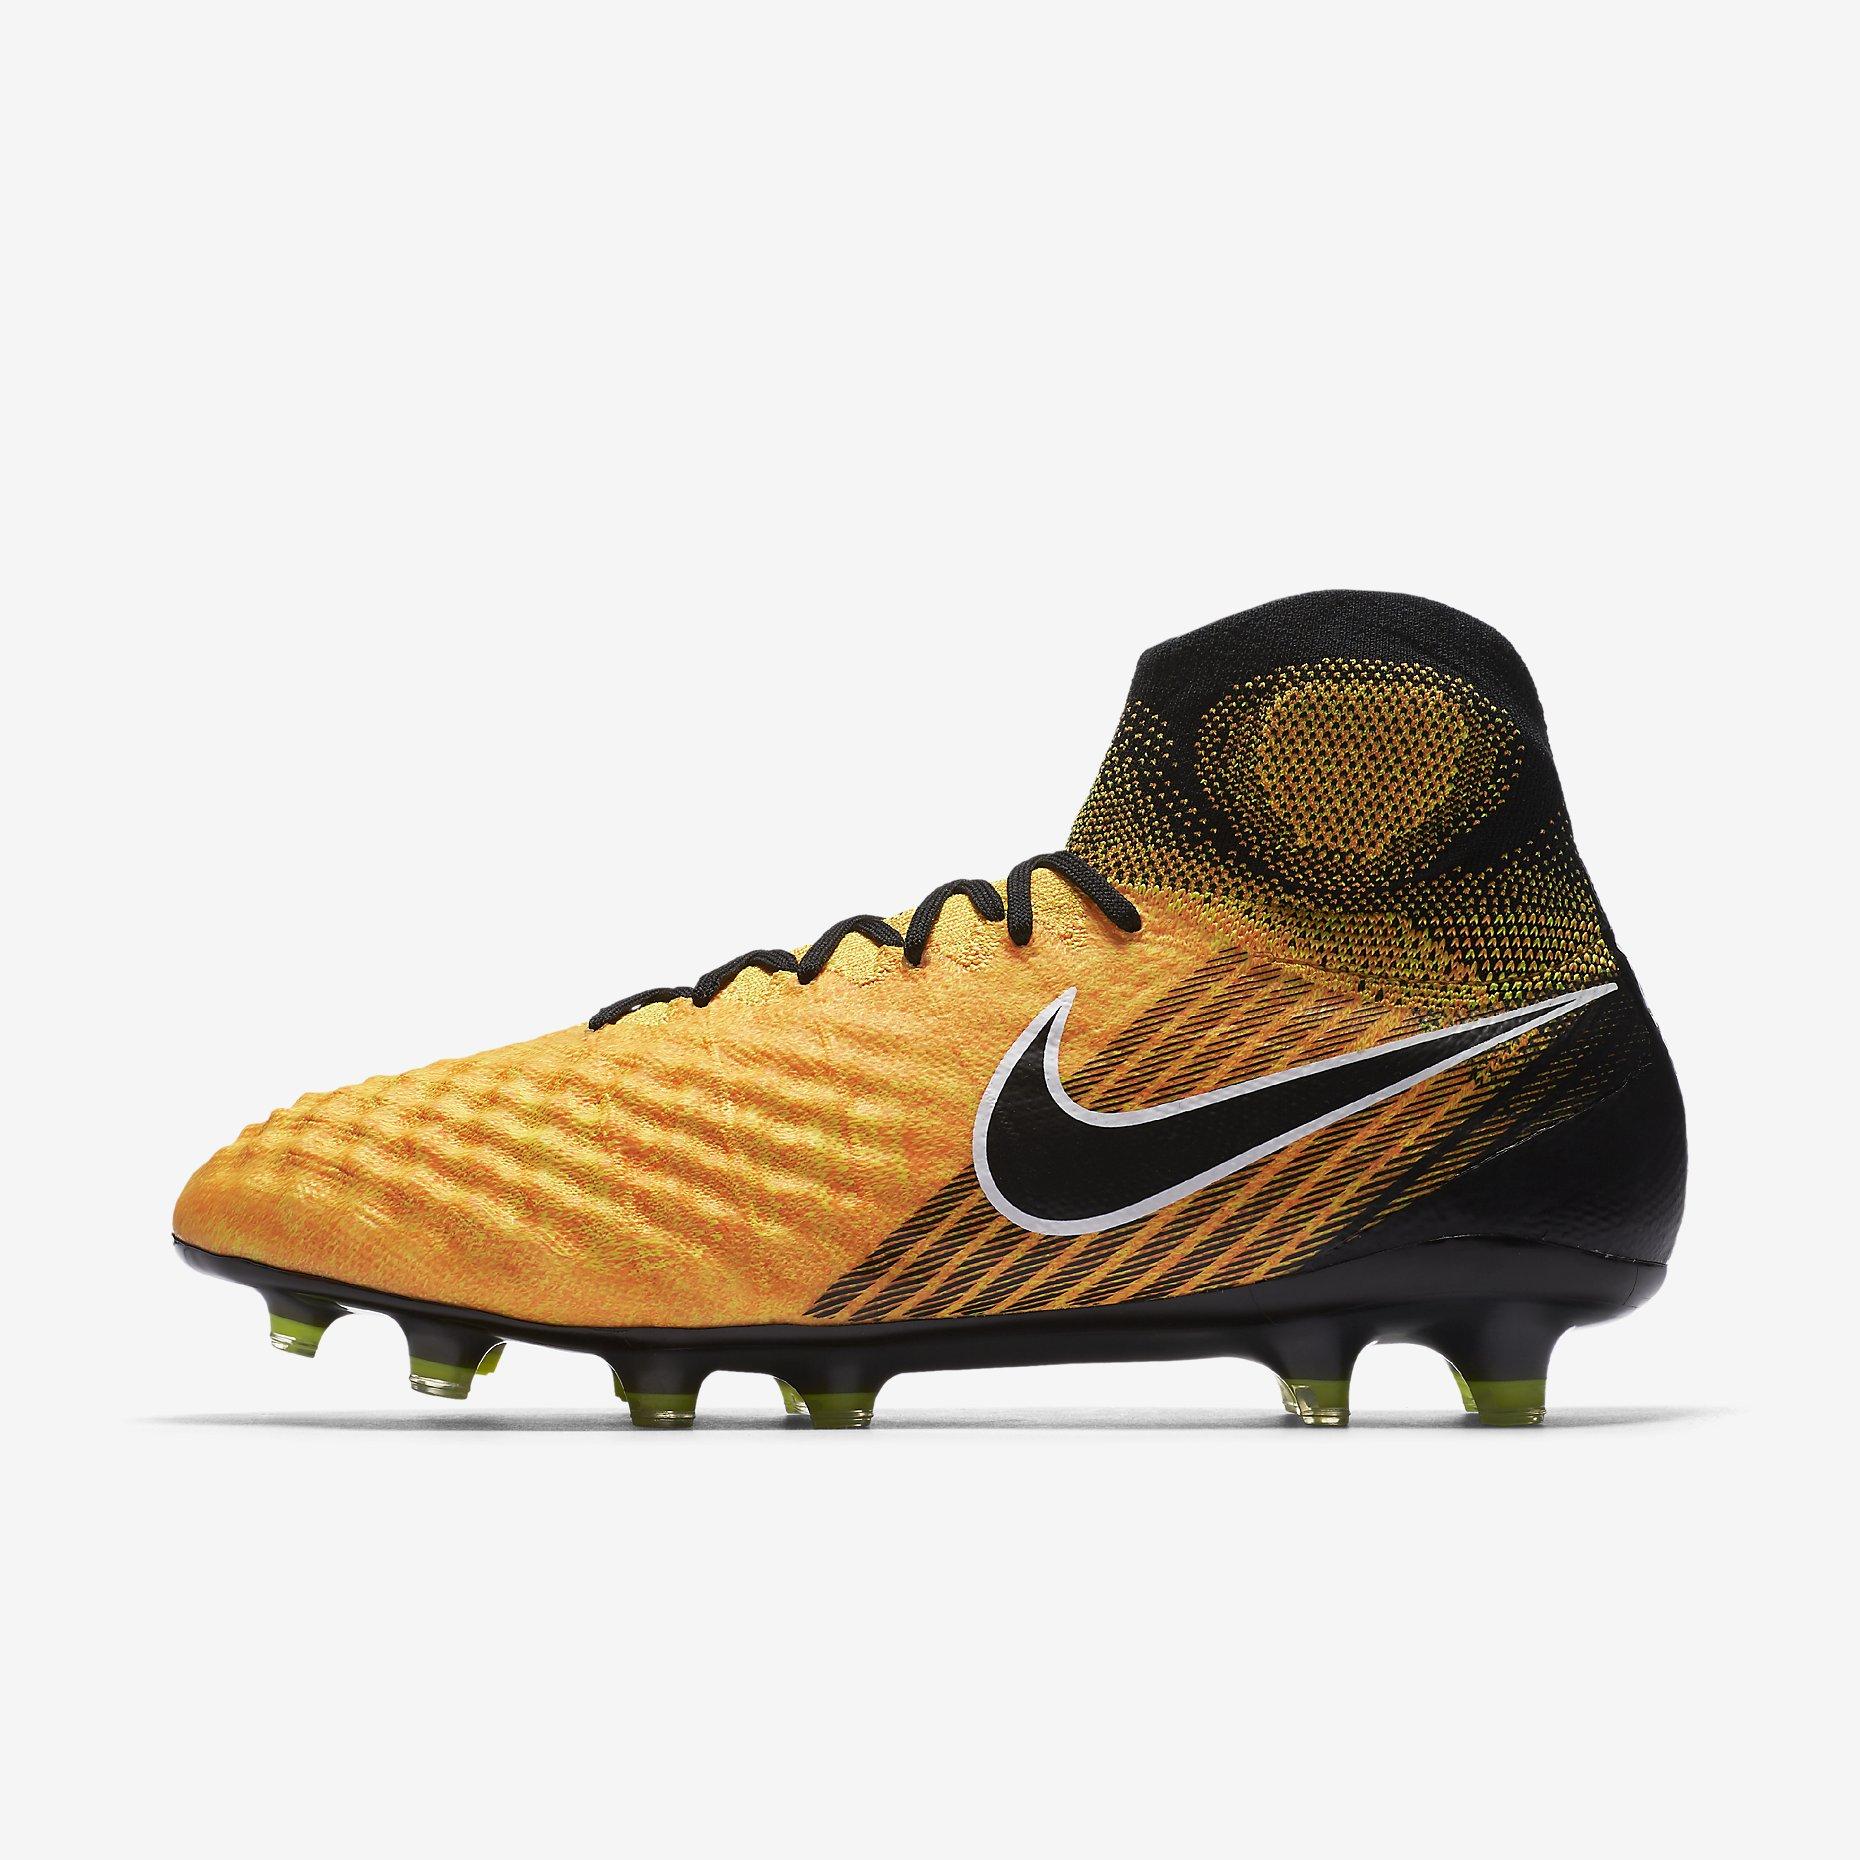 nike magista obra ii fg lock in let loose laser orange white volt black football boots. Black Bedroom Furniture Sets. Home Design Ideas